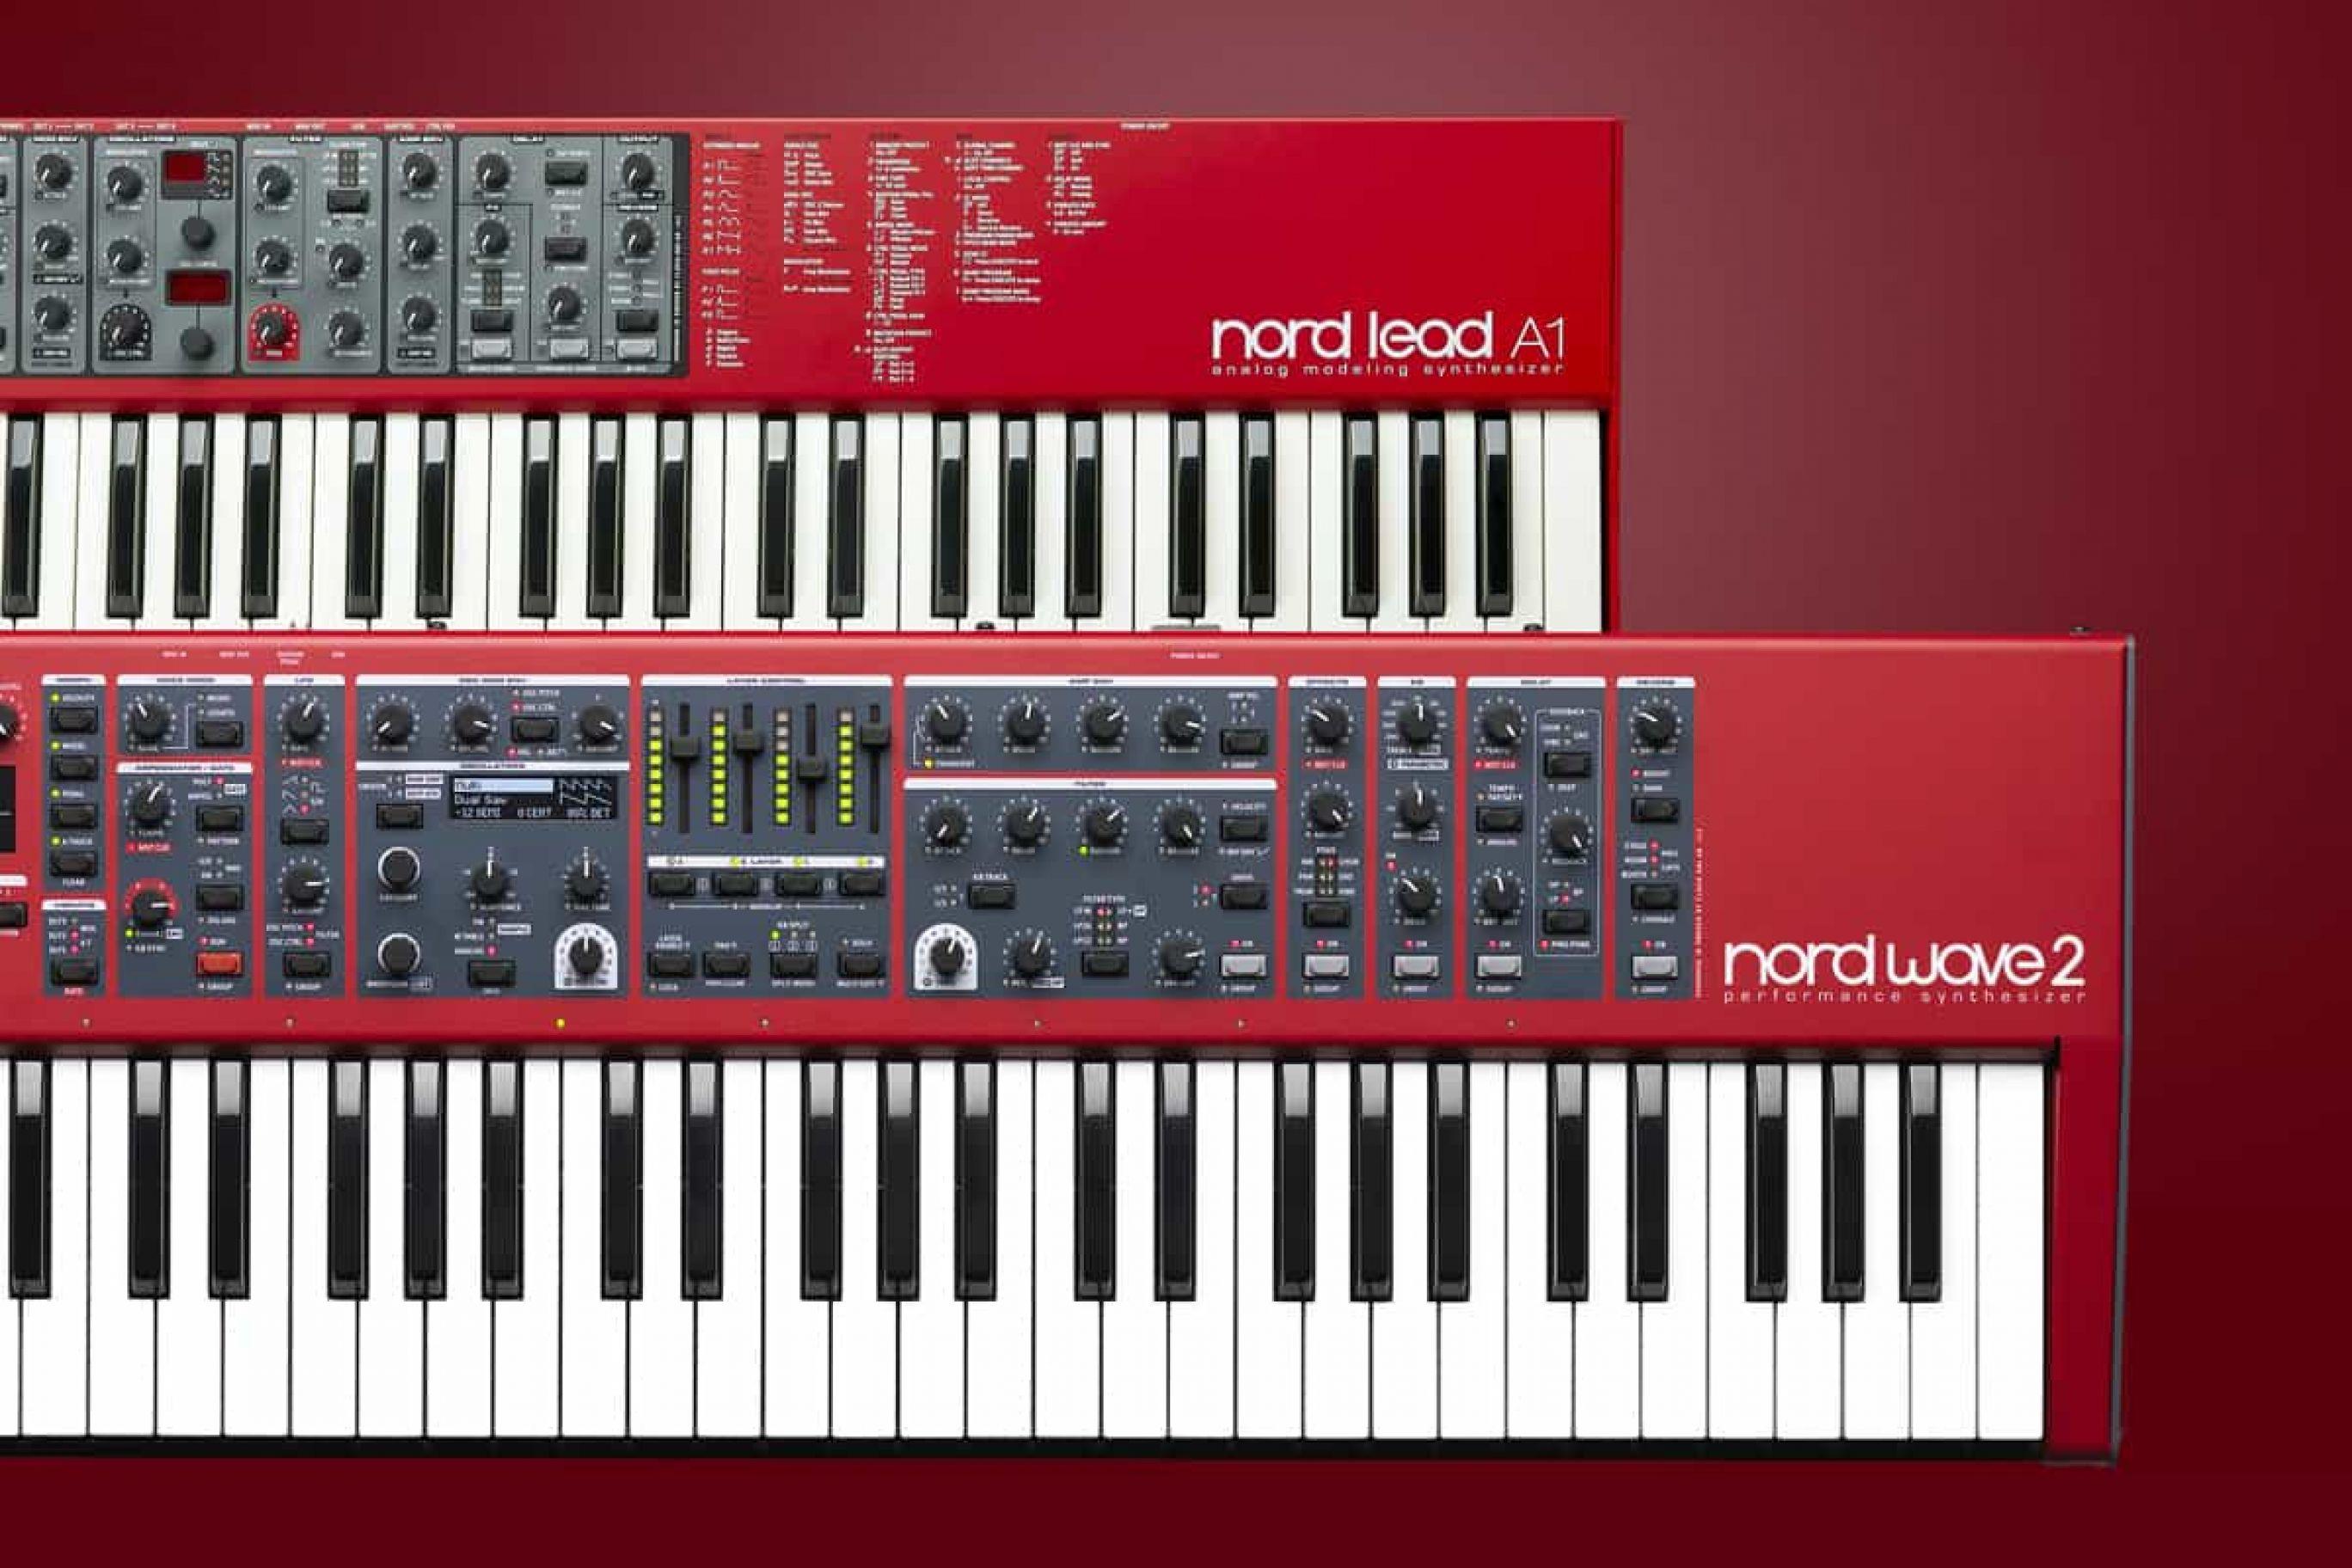 Migliori sintetizzatori: Nord Lead A1 e Nord Wave2, recensione e prezzi